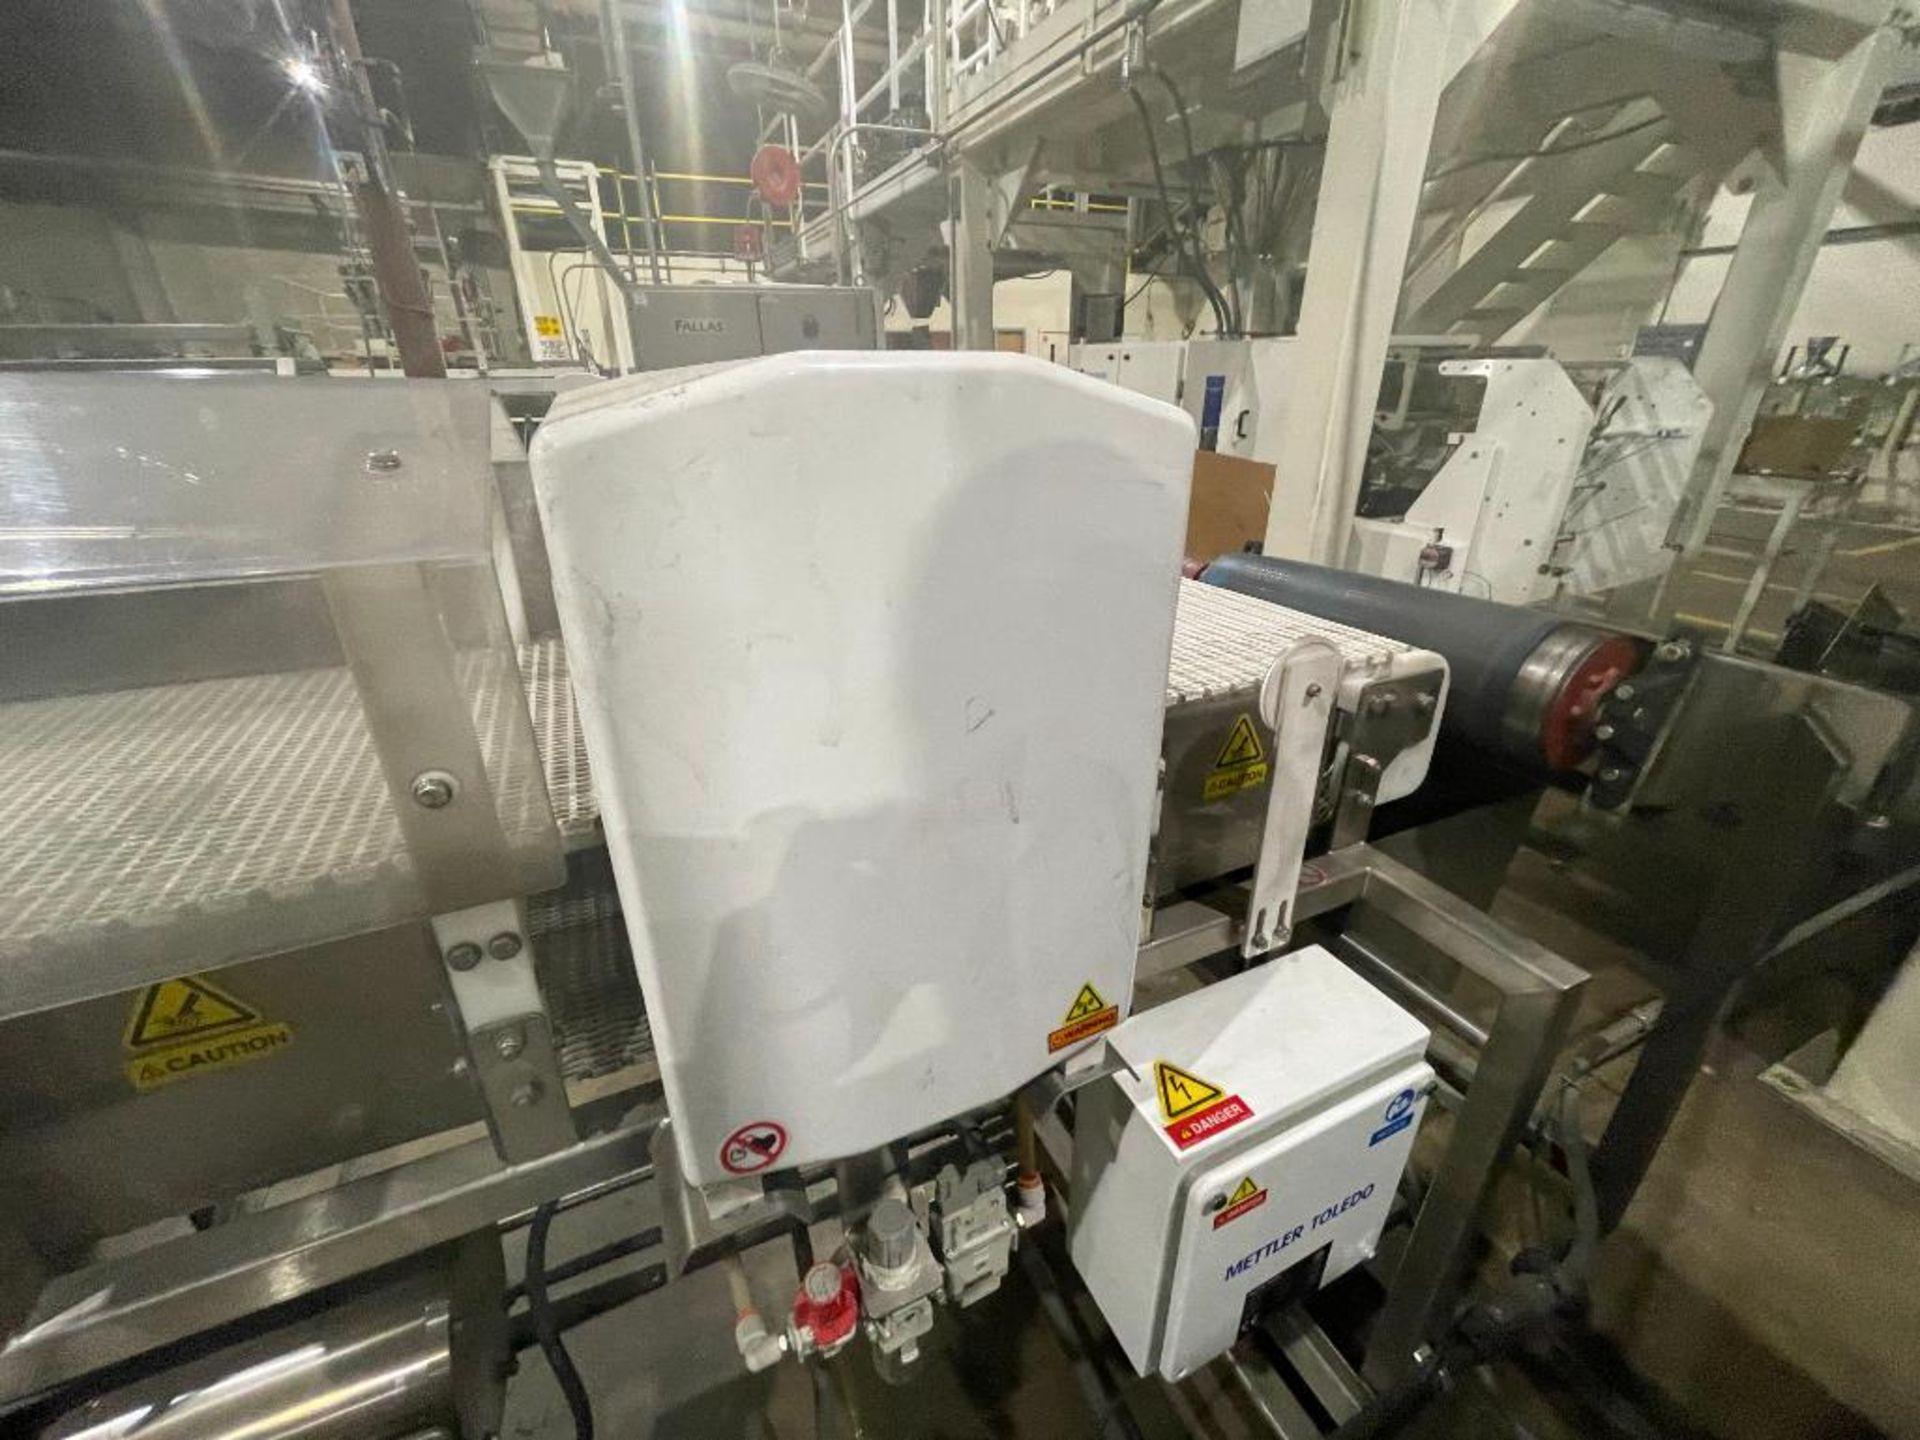 2016 Mettler Toledo metal detector, model SL1500 - Image 10 of 12